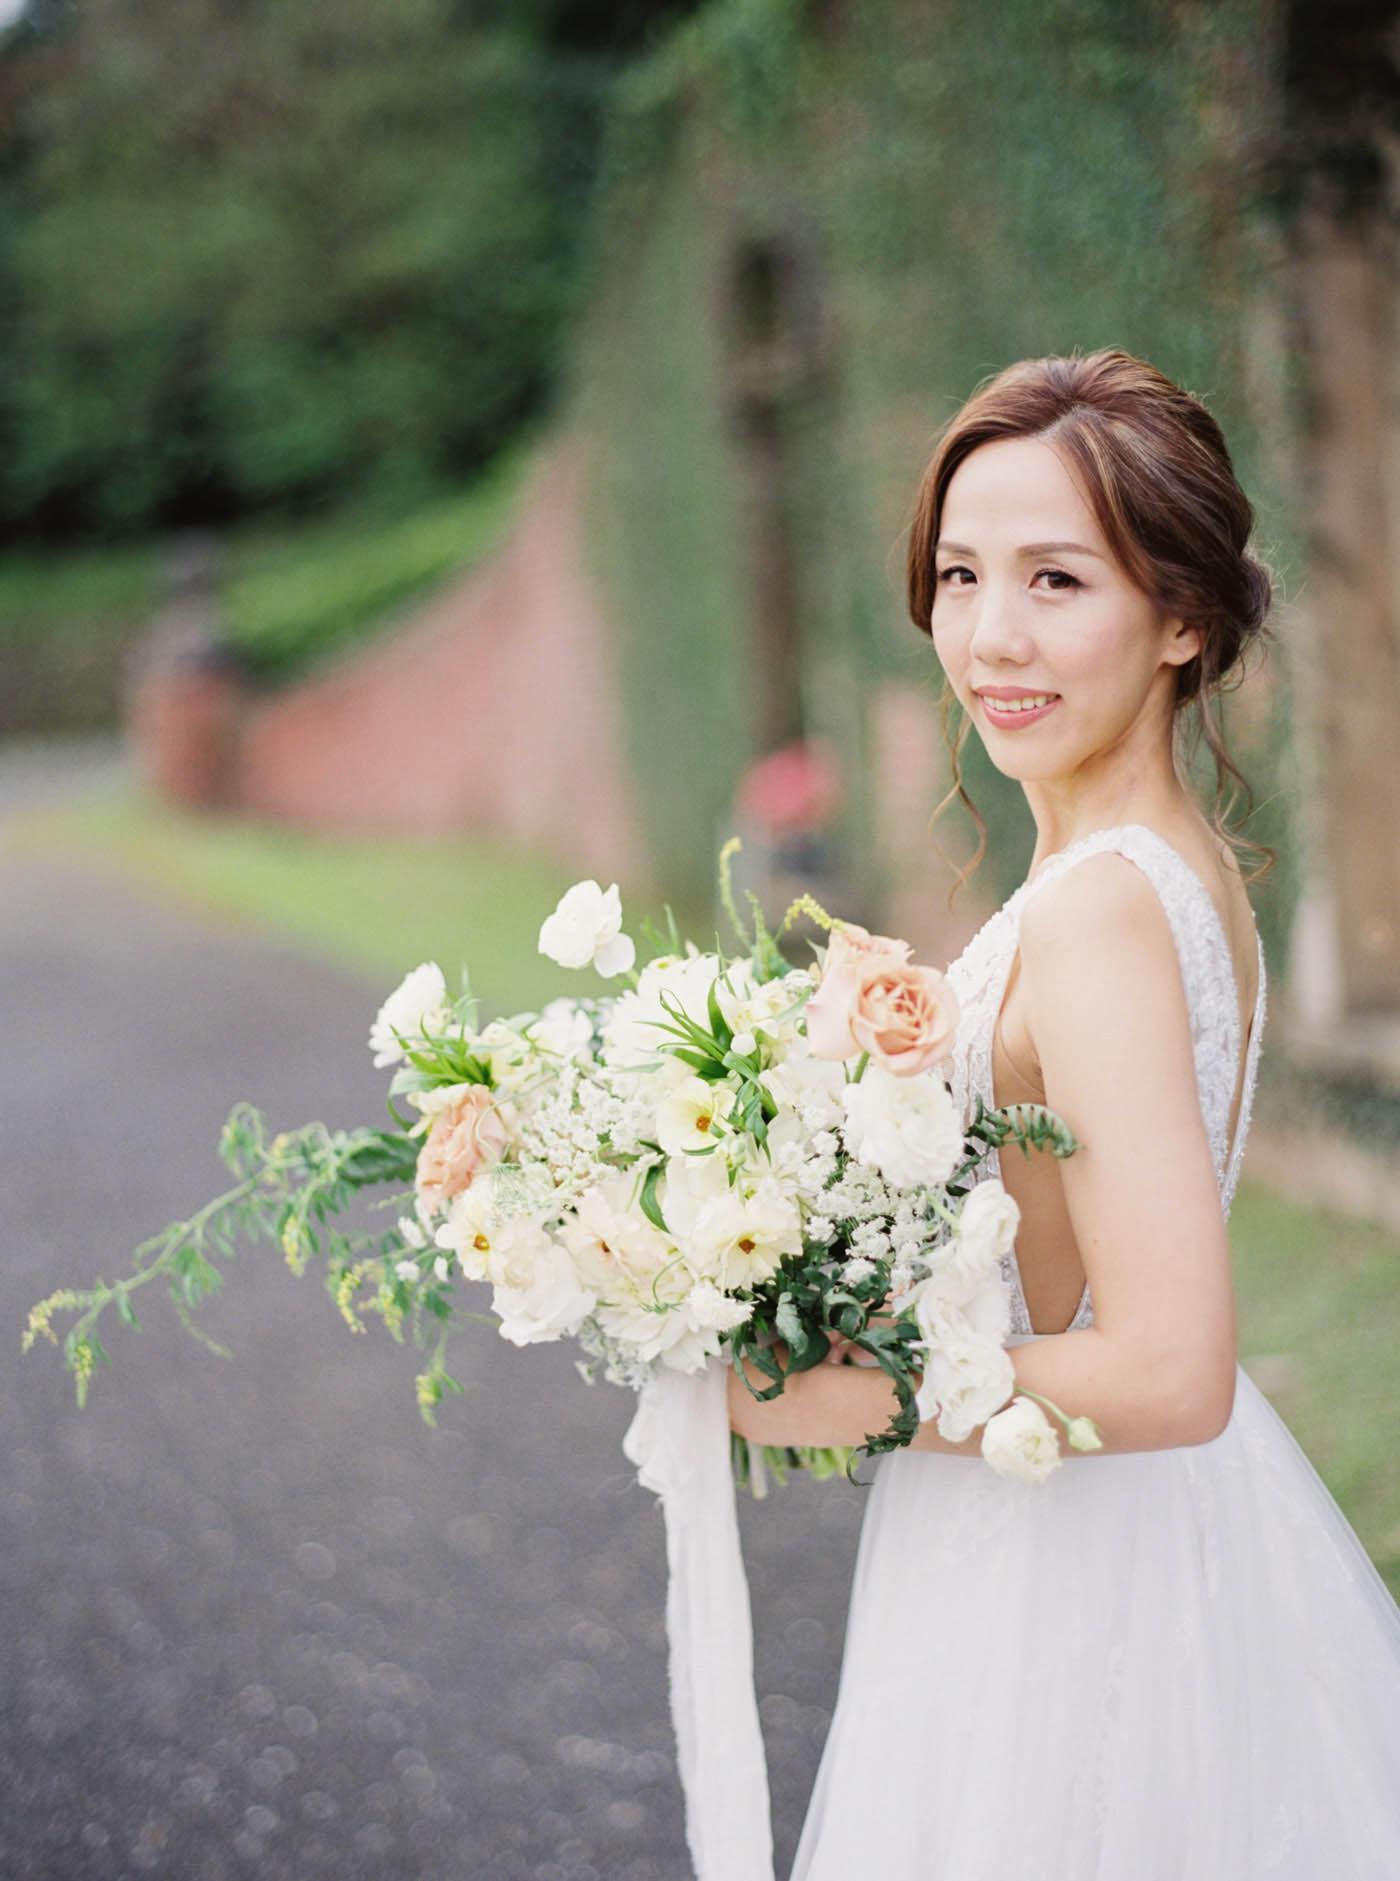 宜蘭婚紗-仁山植物園-The Stage-Mark Hong-唯諾禮服-Jill 捧花